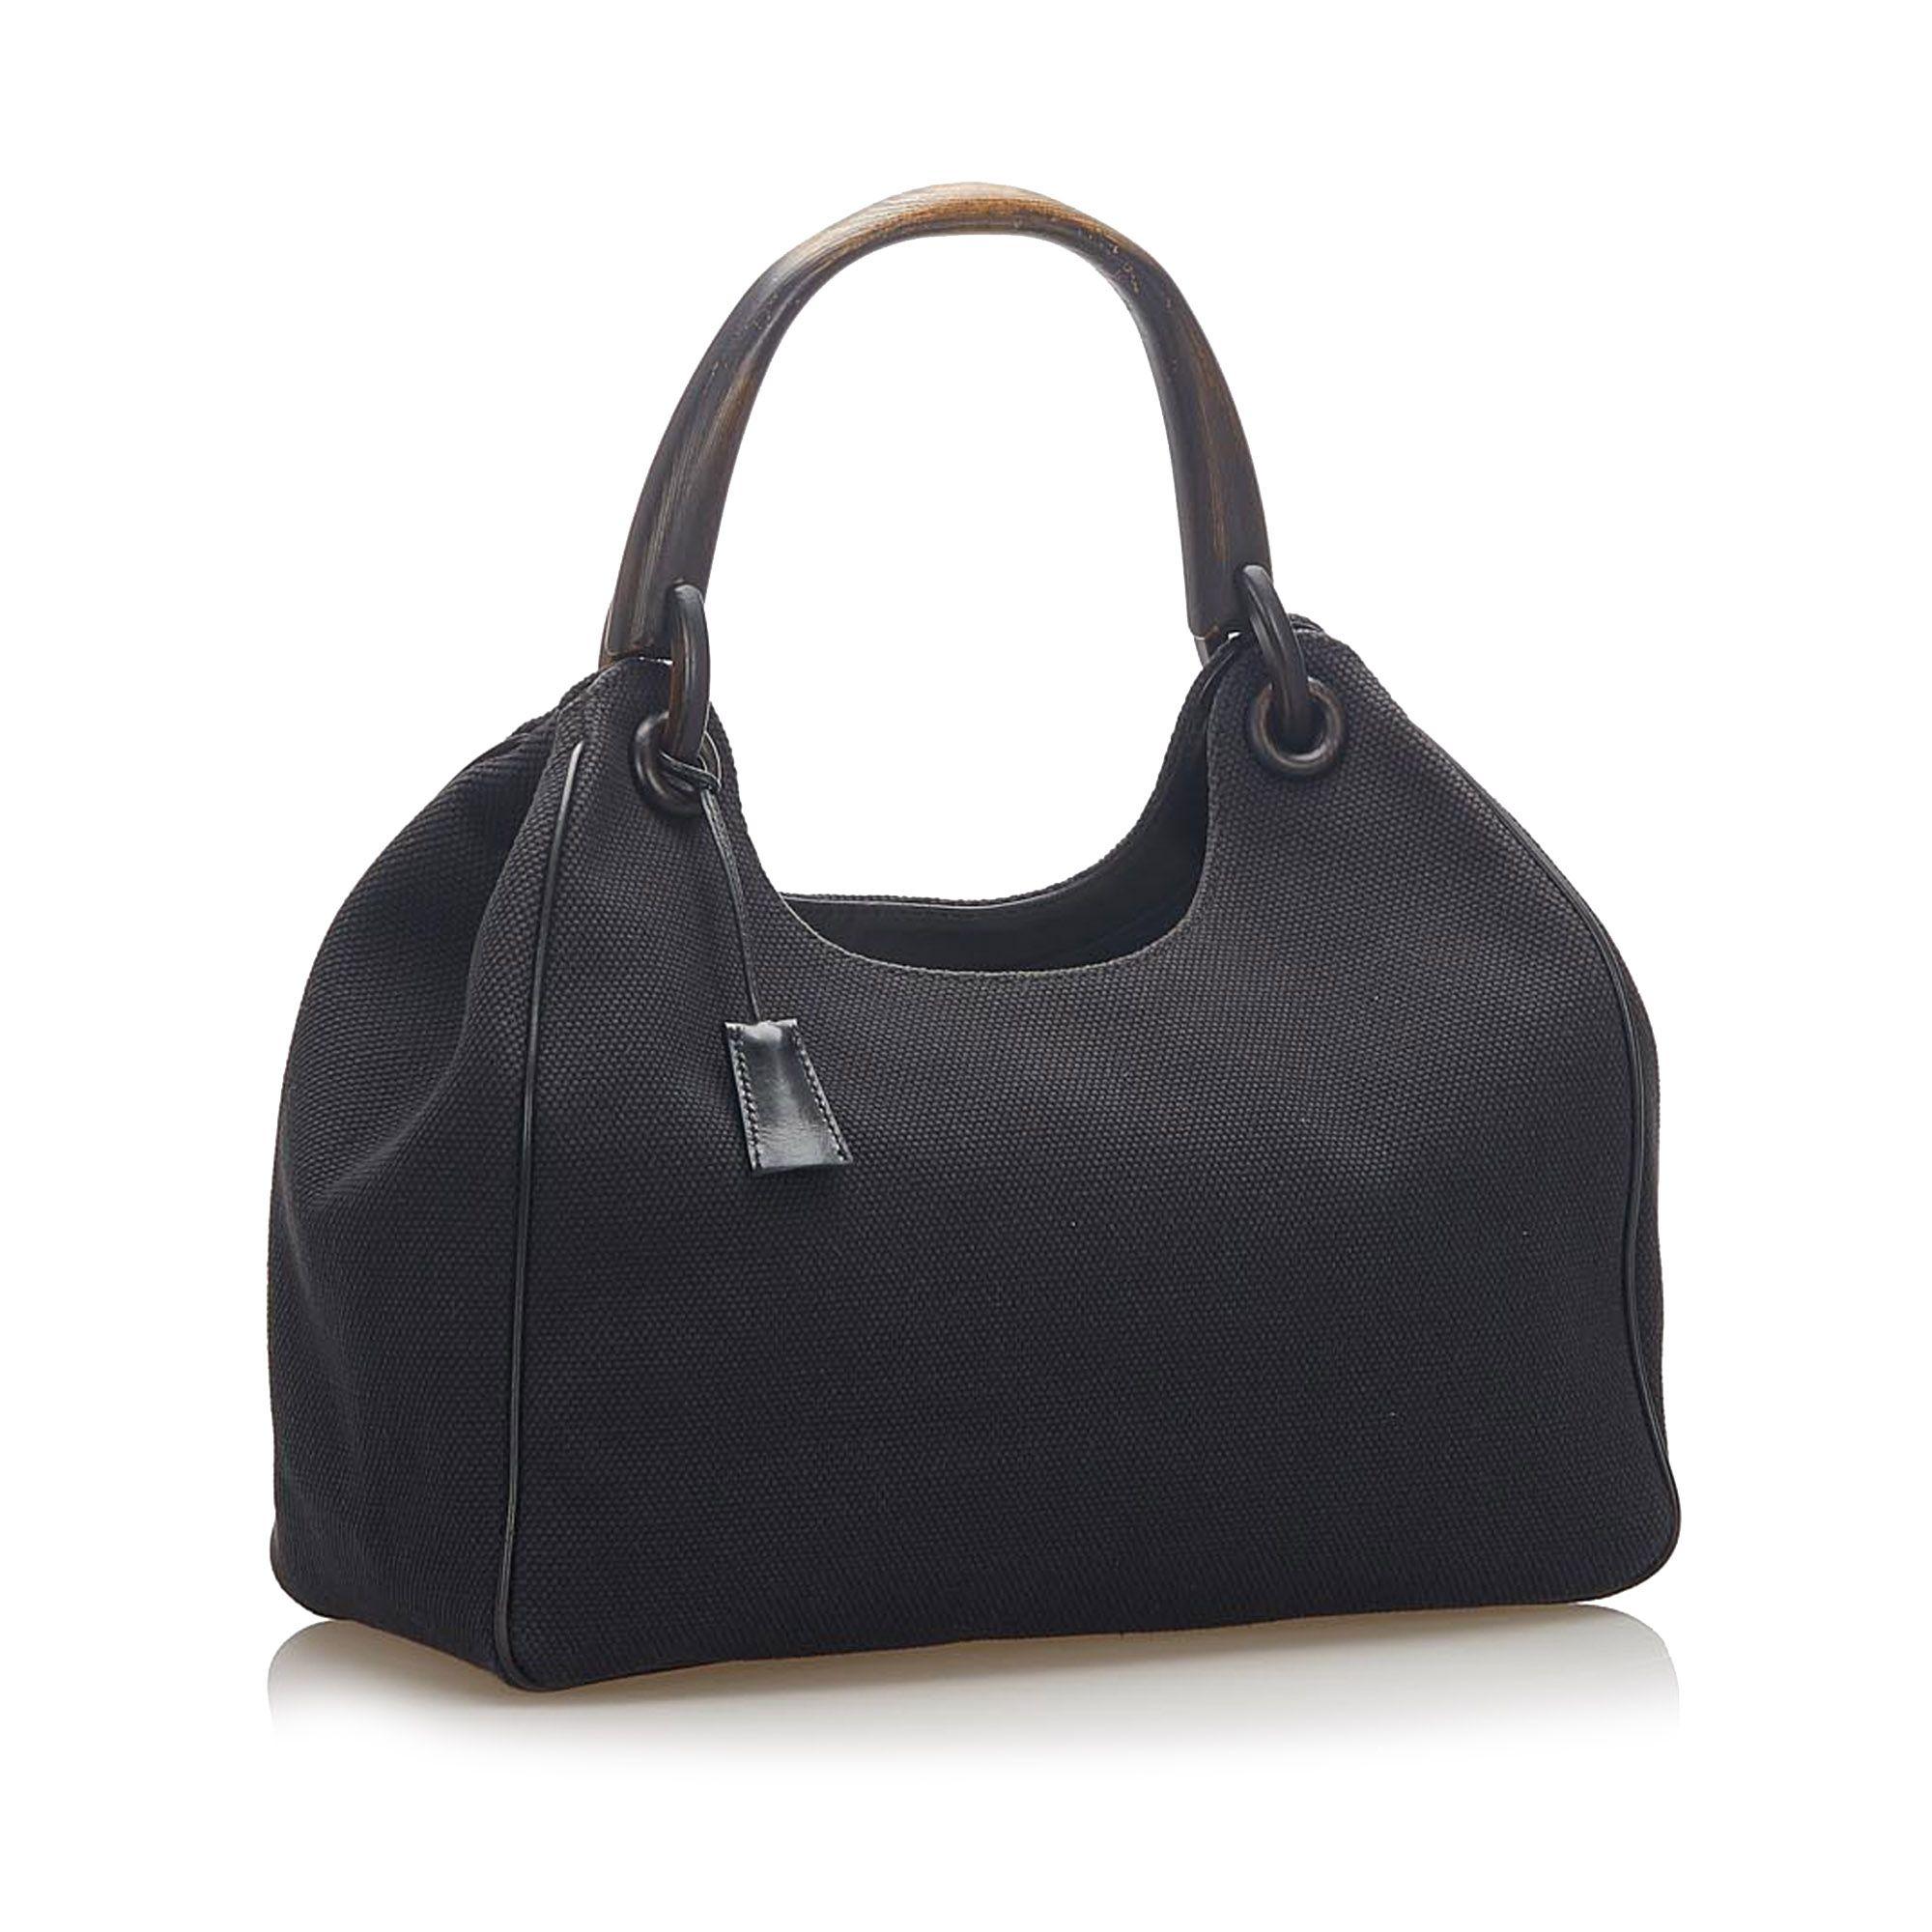 Vintage Gucci Canvas Handbag Black